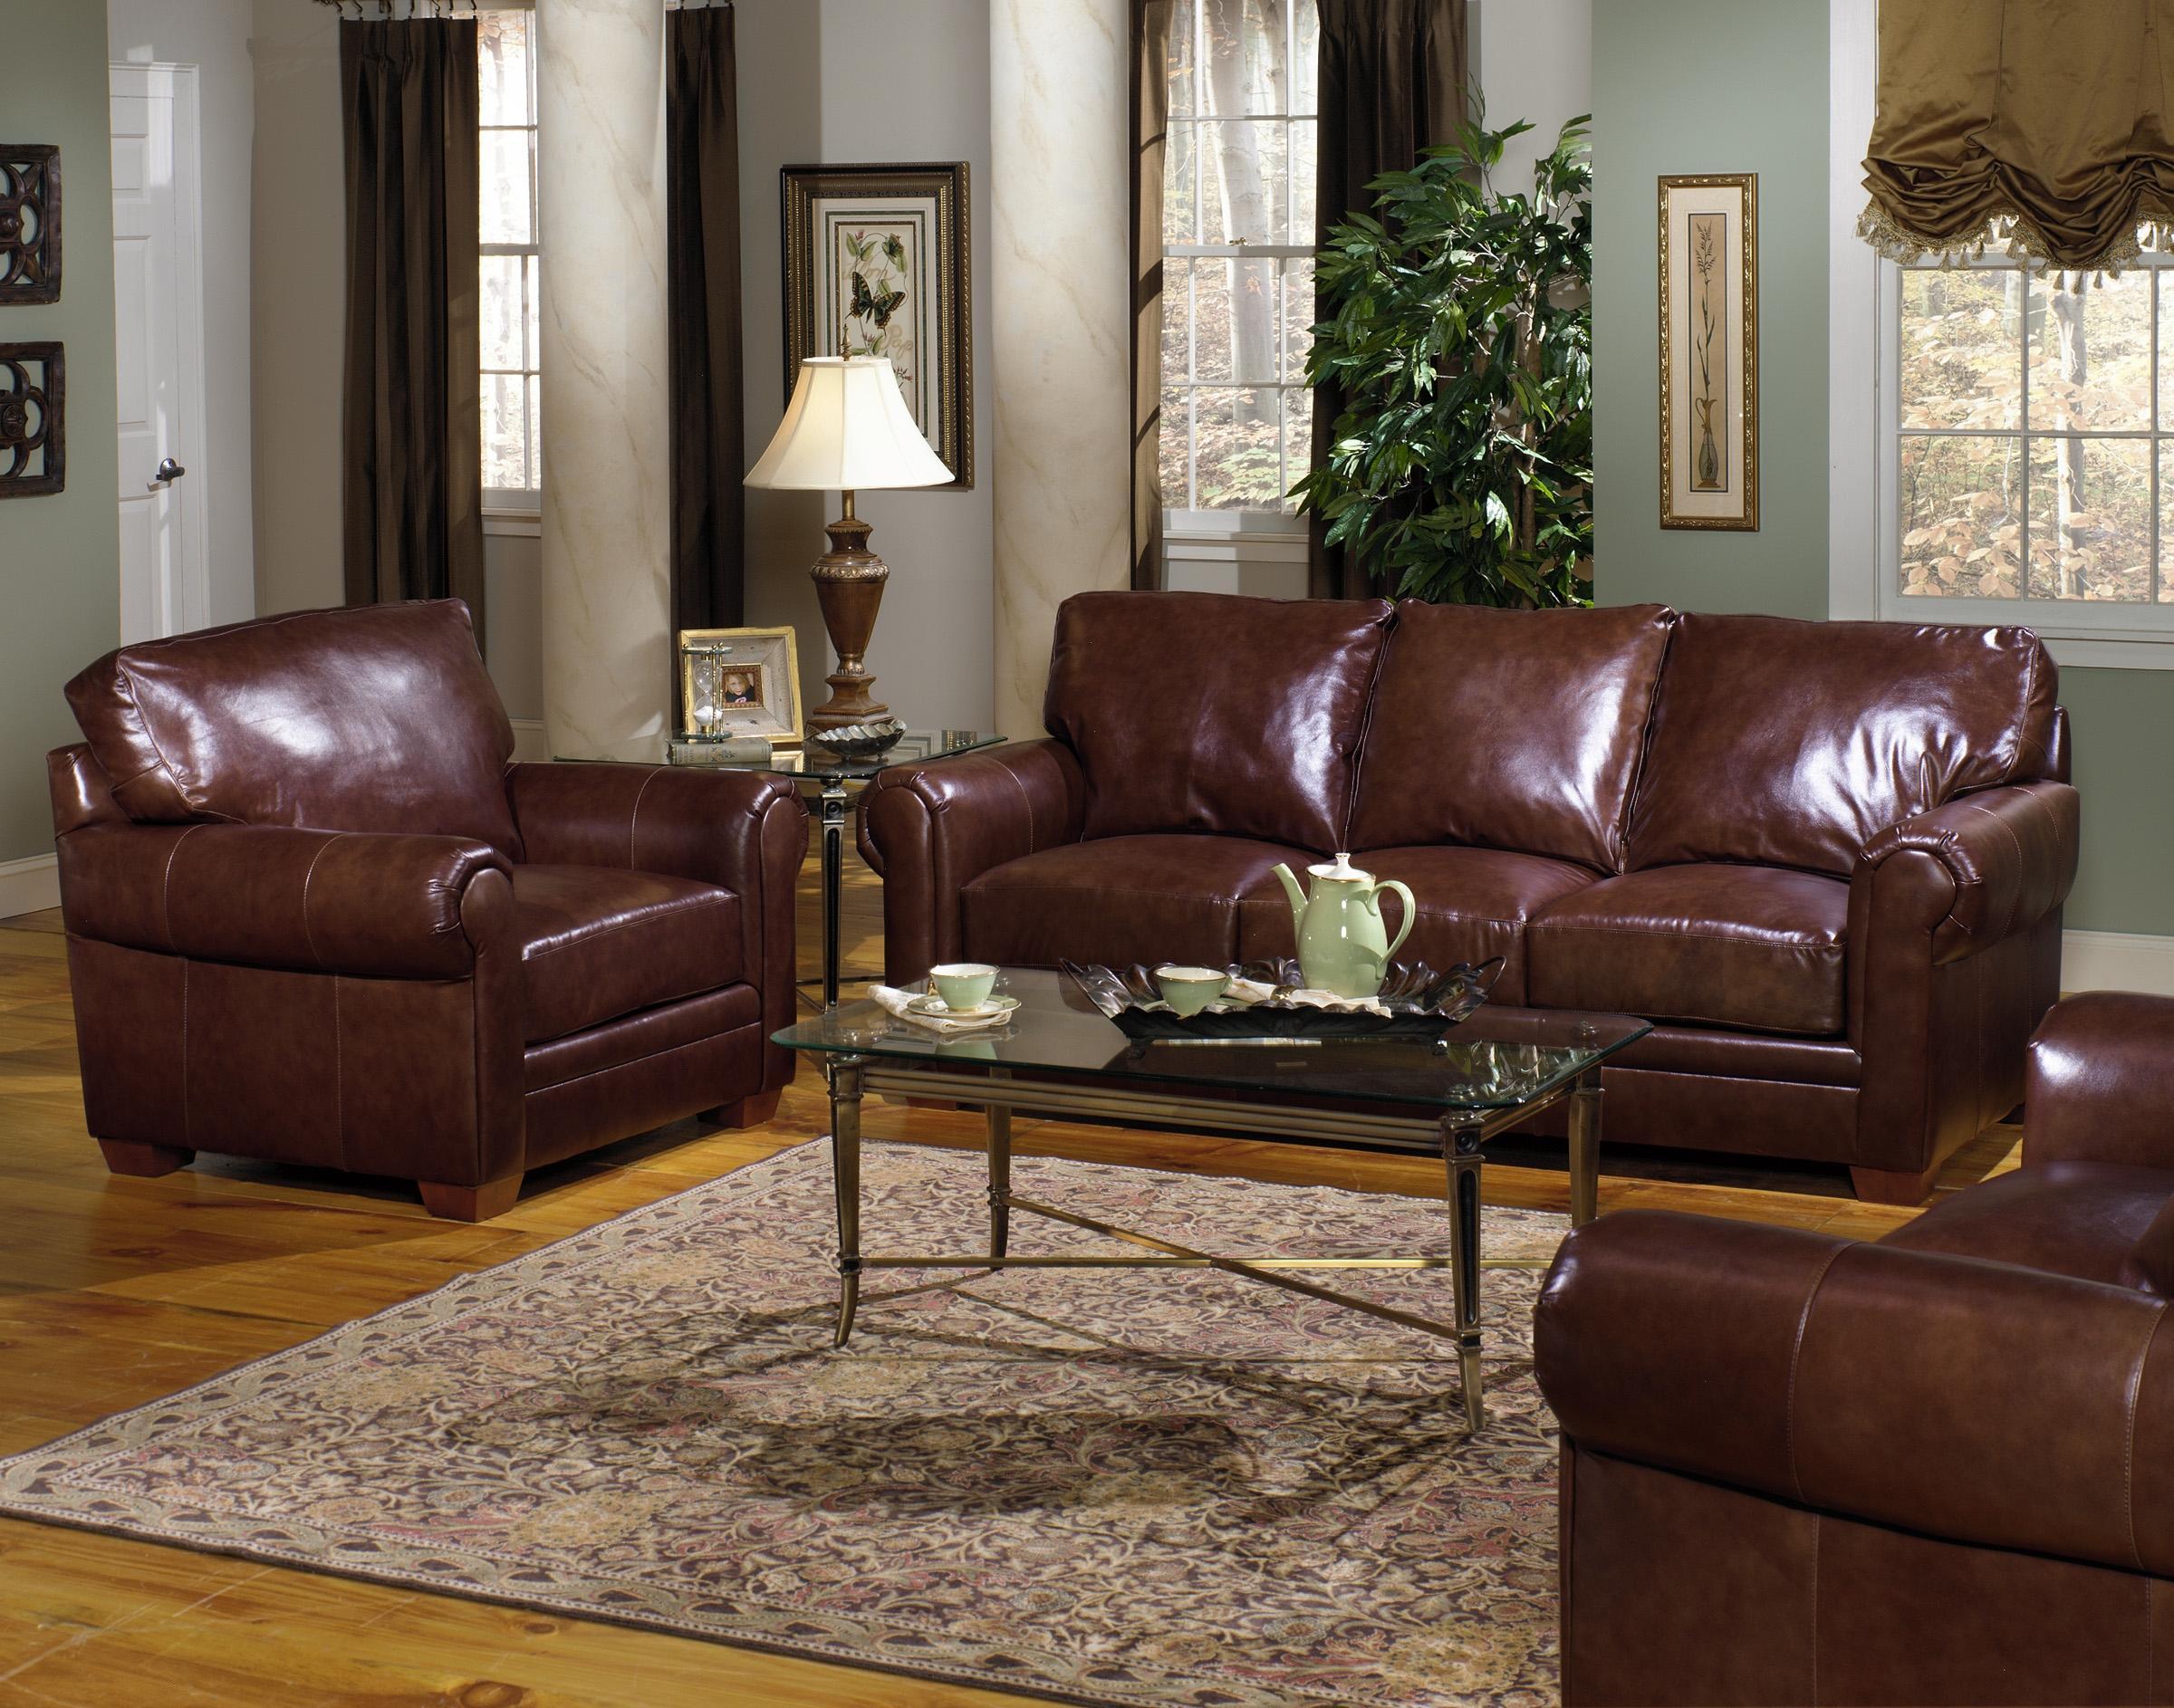 Wilsonu0027s Furniture